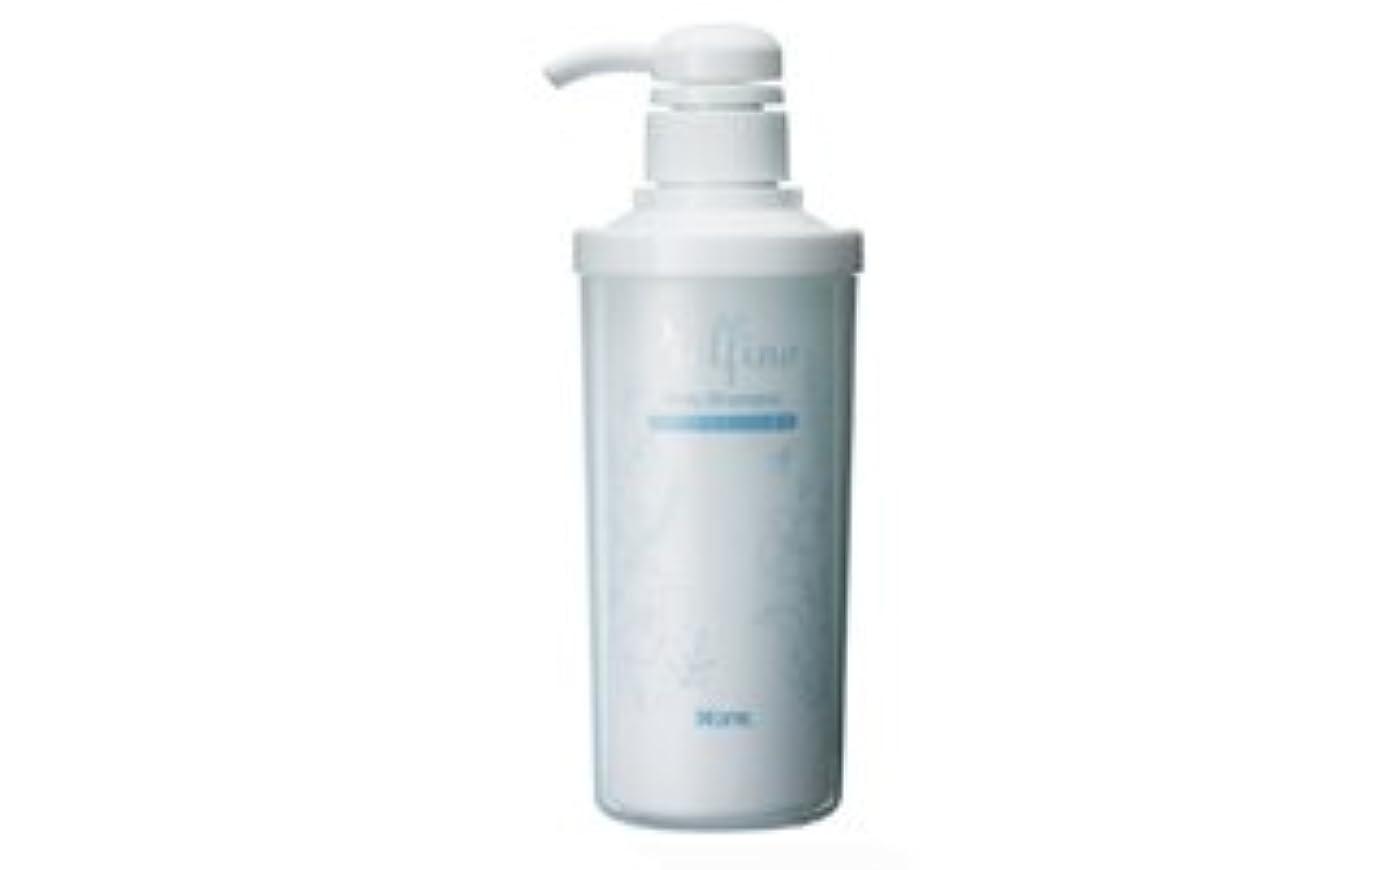 理容師ベル暖かさピルフィーノ ボディシャンプー 植物成分配合 詰替専用容器付き[弱酸性](300mL)